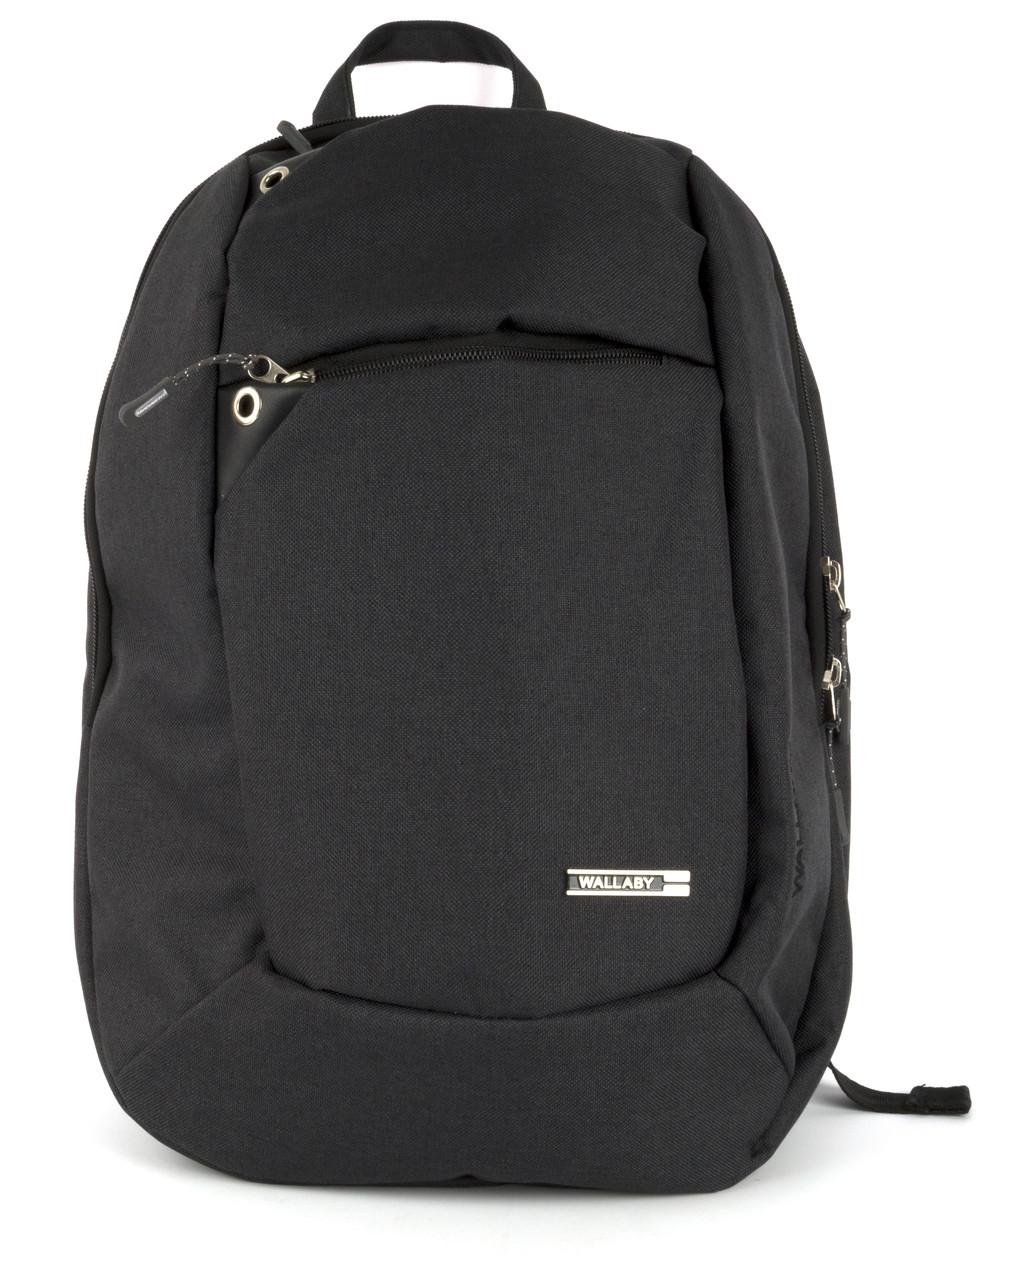 Зручний місткий рюкзак з відділенням для ноутбука WALLABY art. 150 Україна